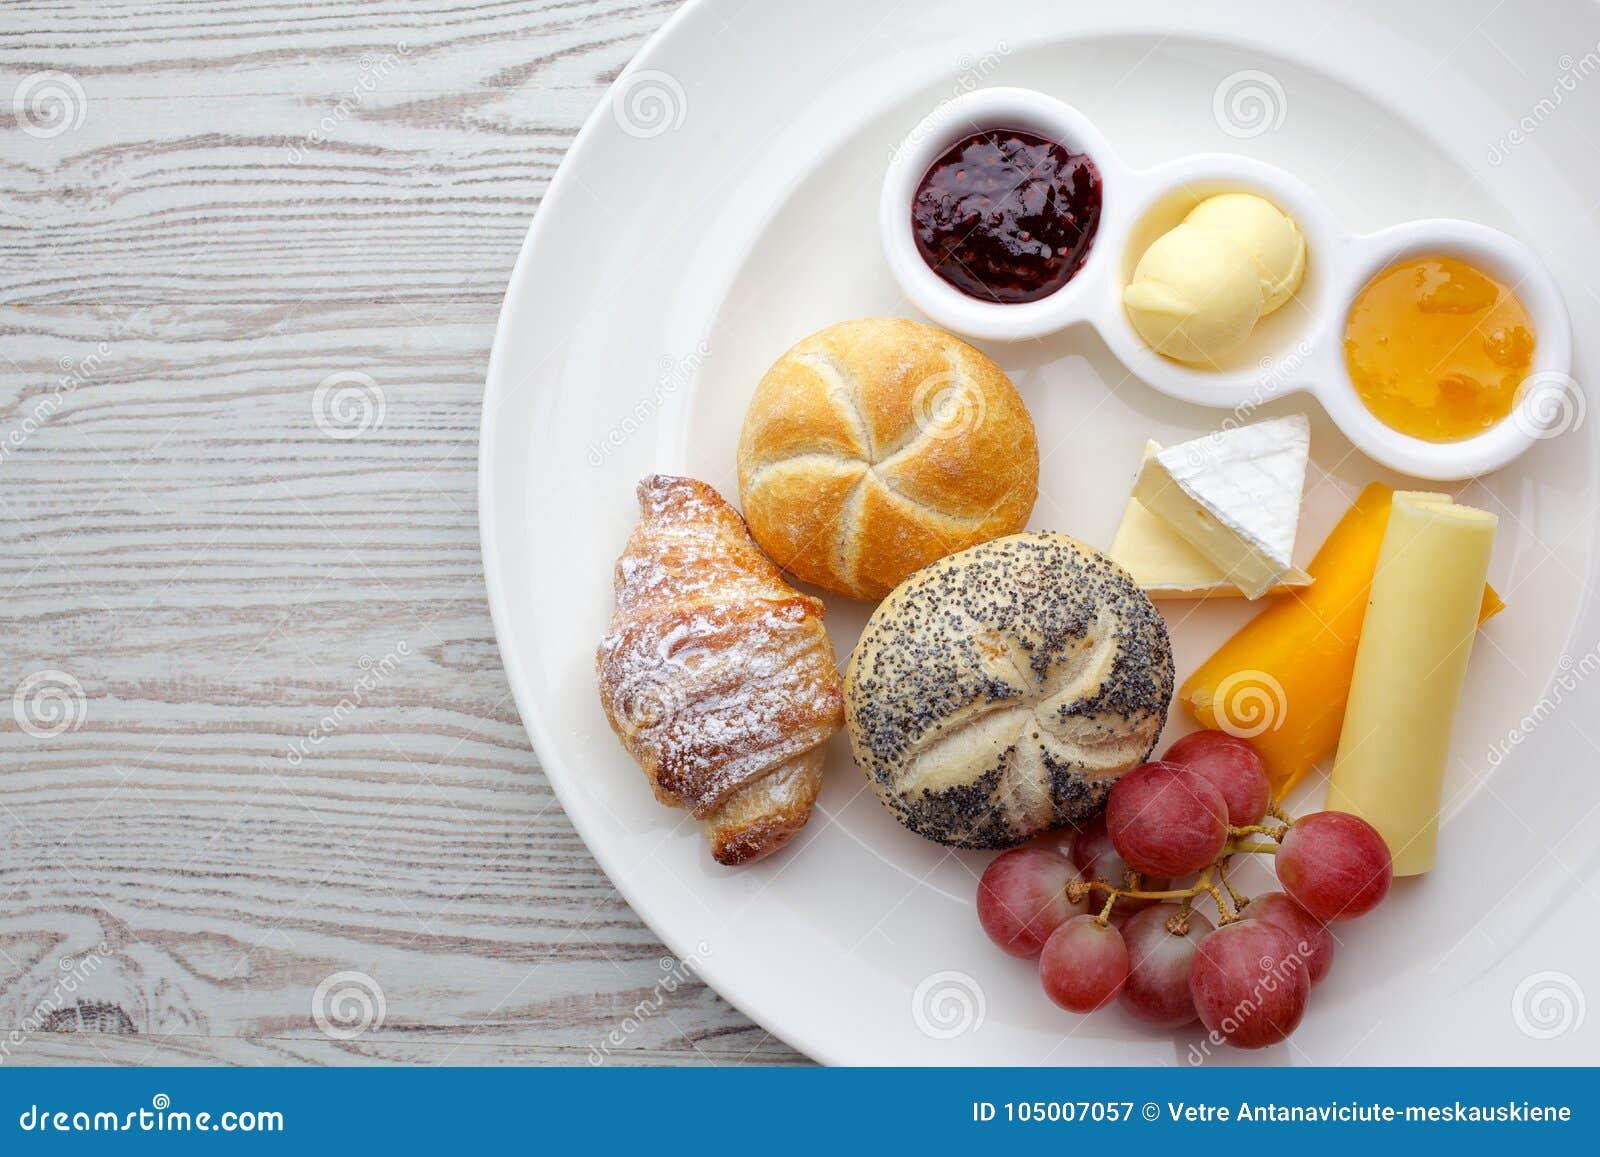 comidas del dia en frances